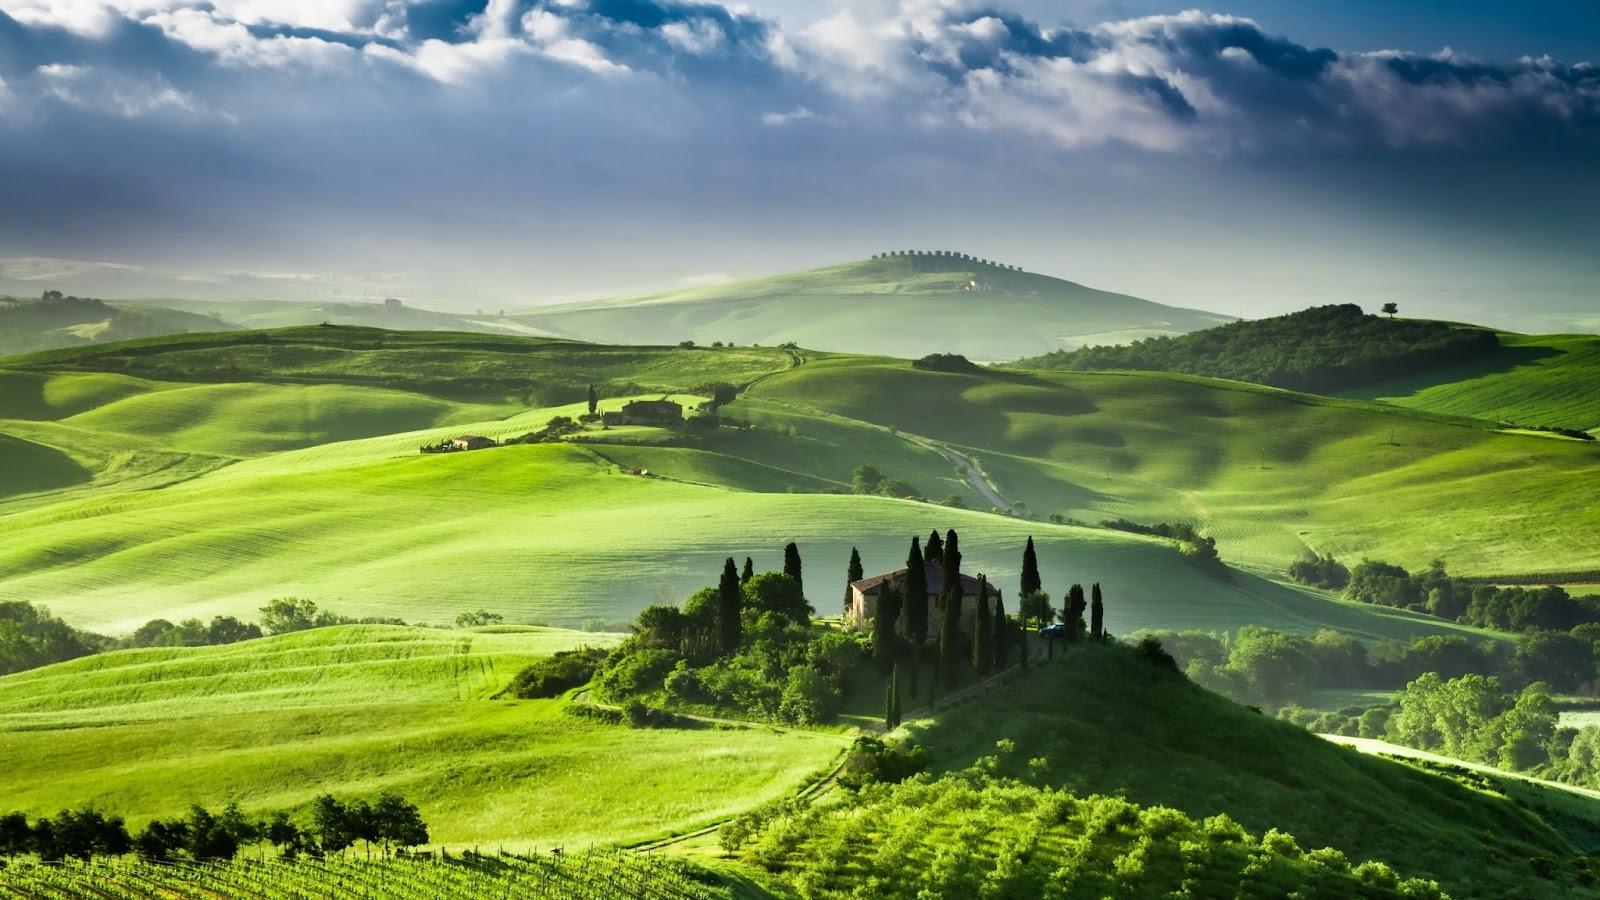 Paisaje-pictórico-de-Toscana-Italia.jpg